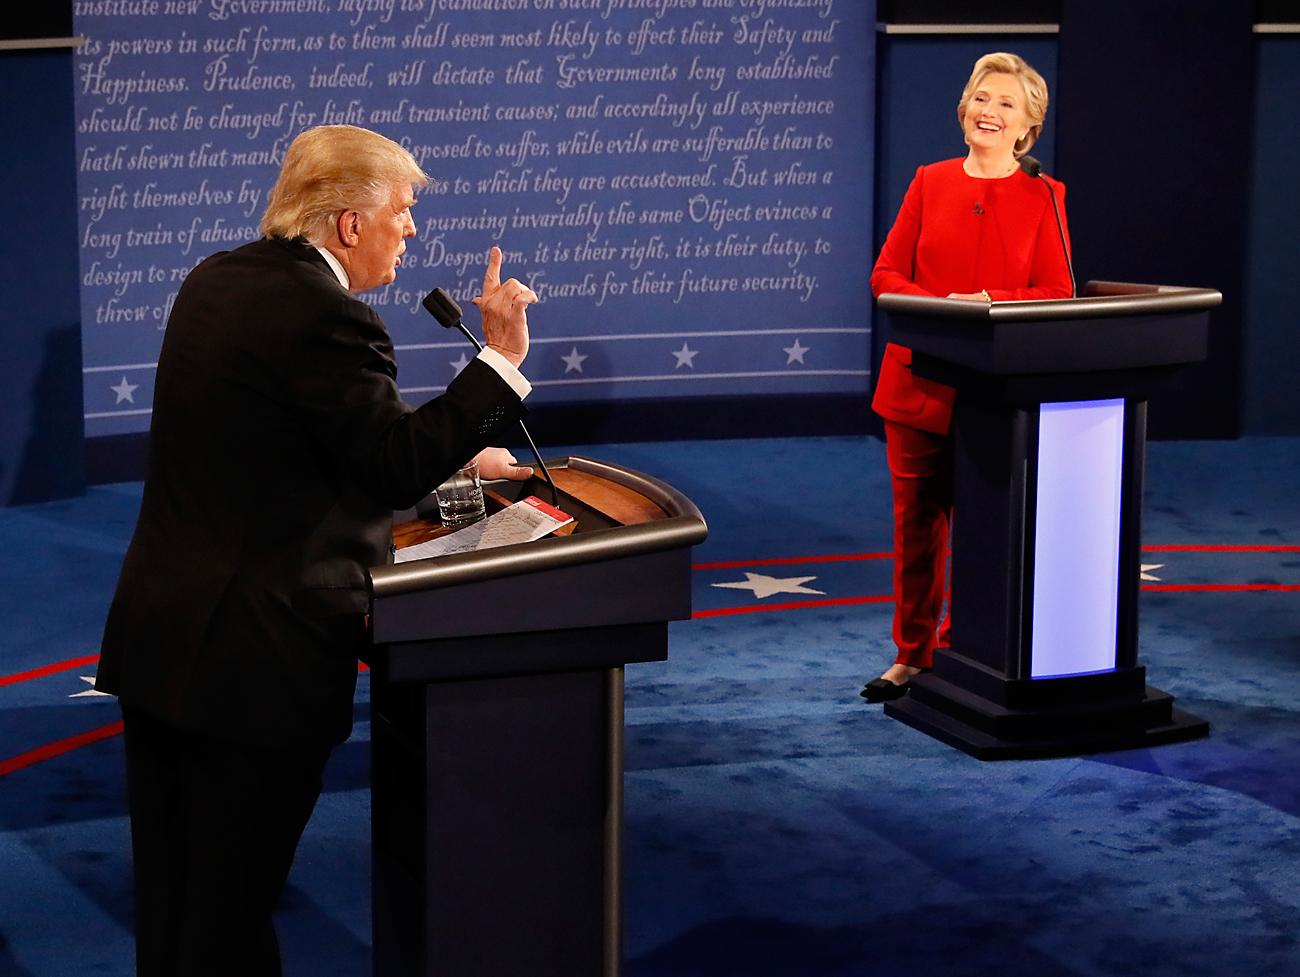 Кандидатът на демократите Хилари Клинтън се усмихва на номинирания от републиканците Доналд Тръмп по време на дебата в Ню Йорк на 26 септември.